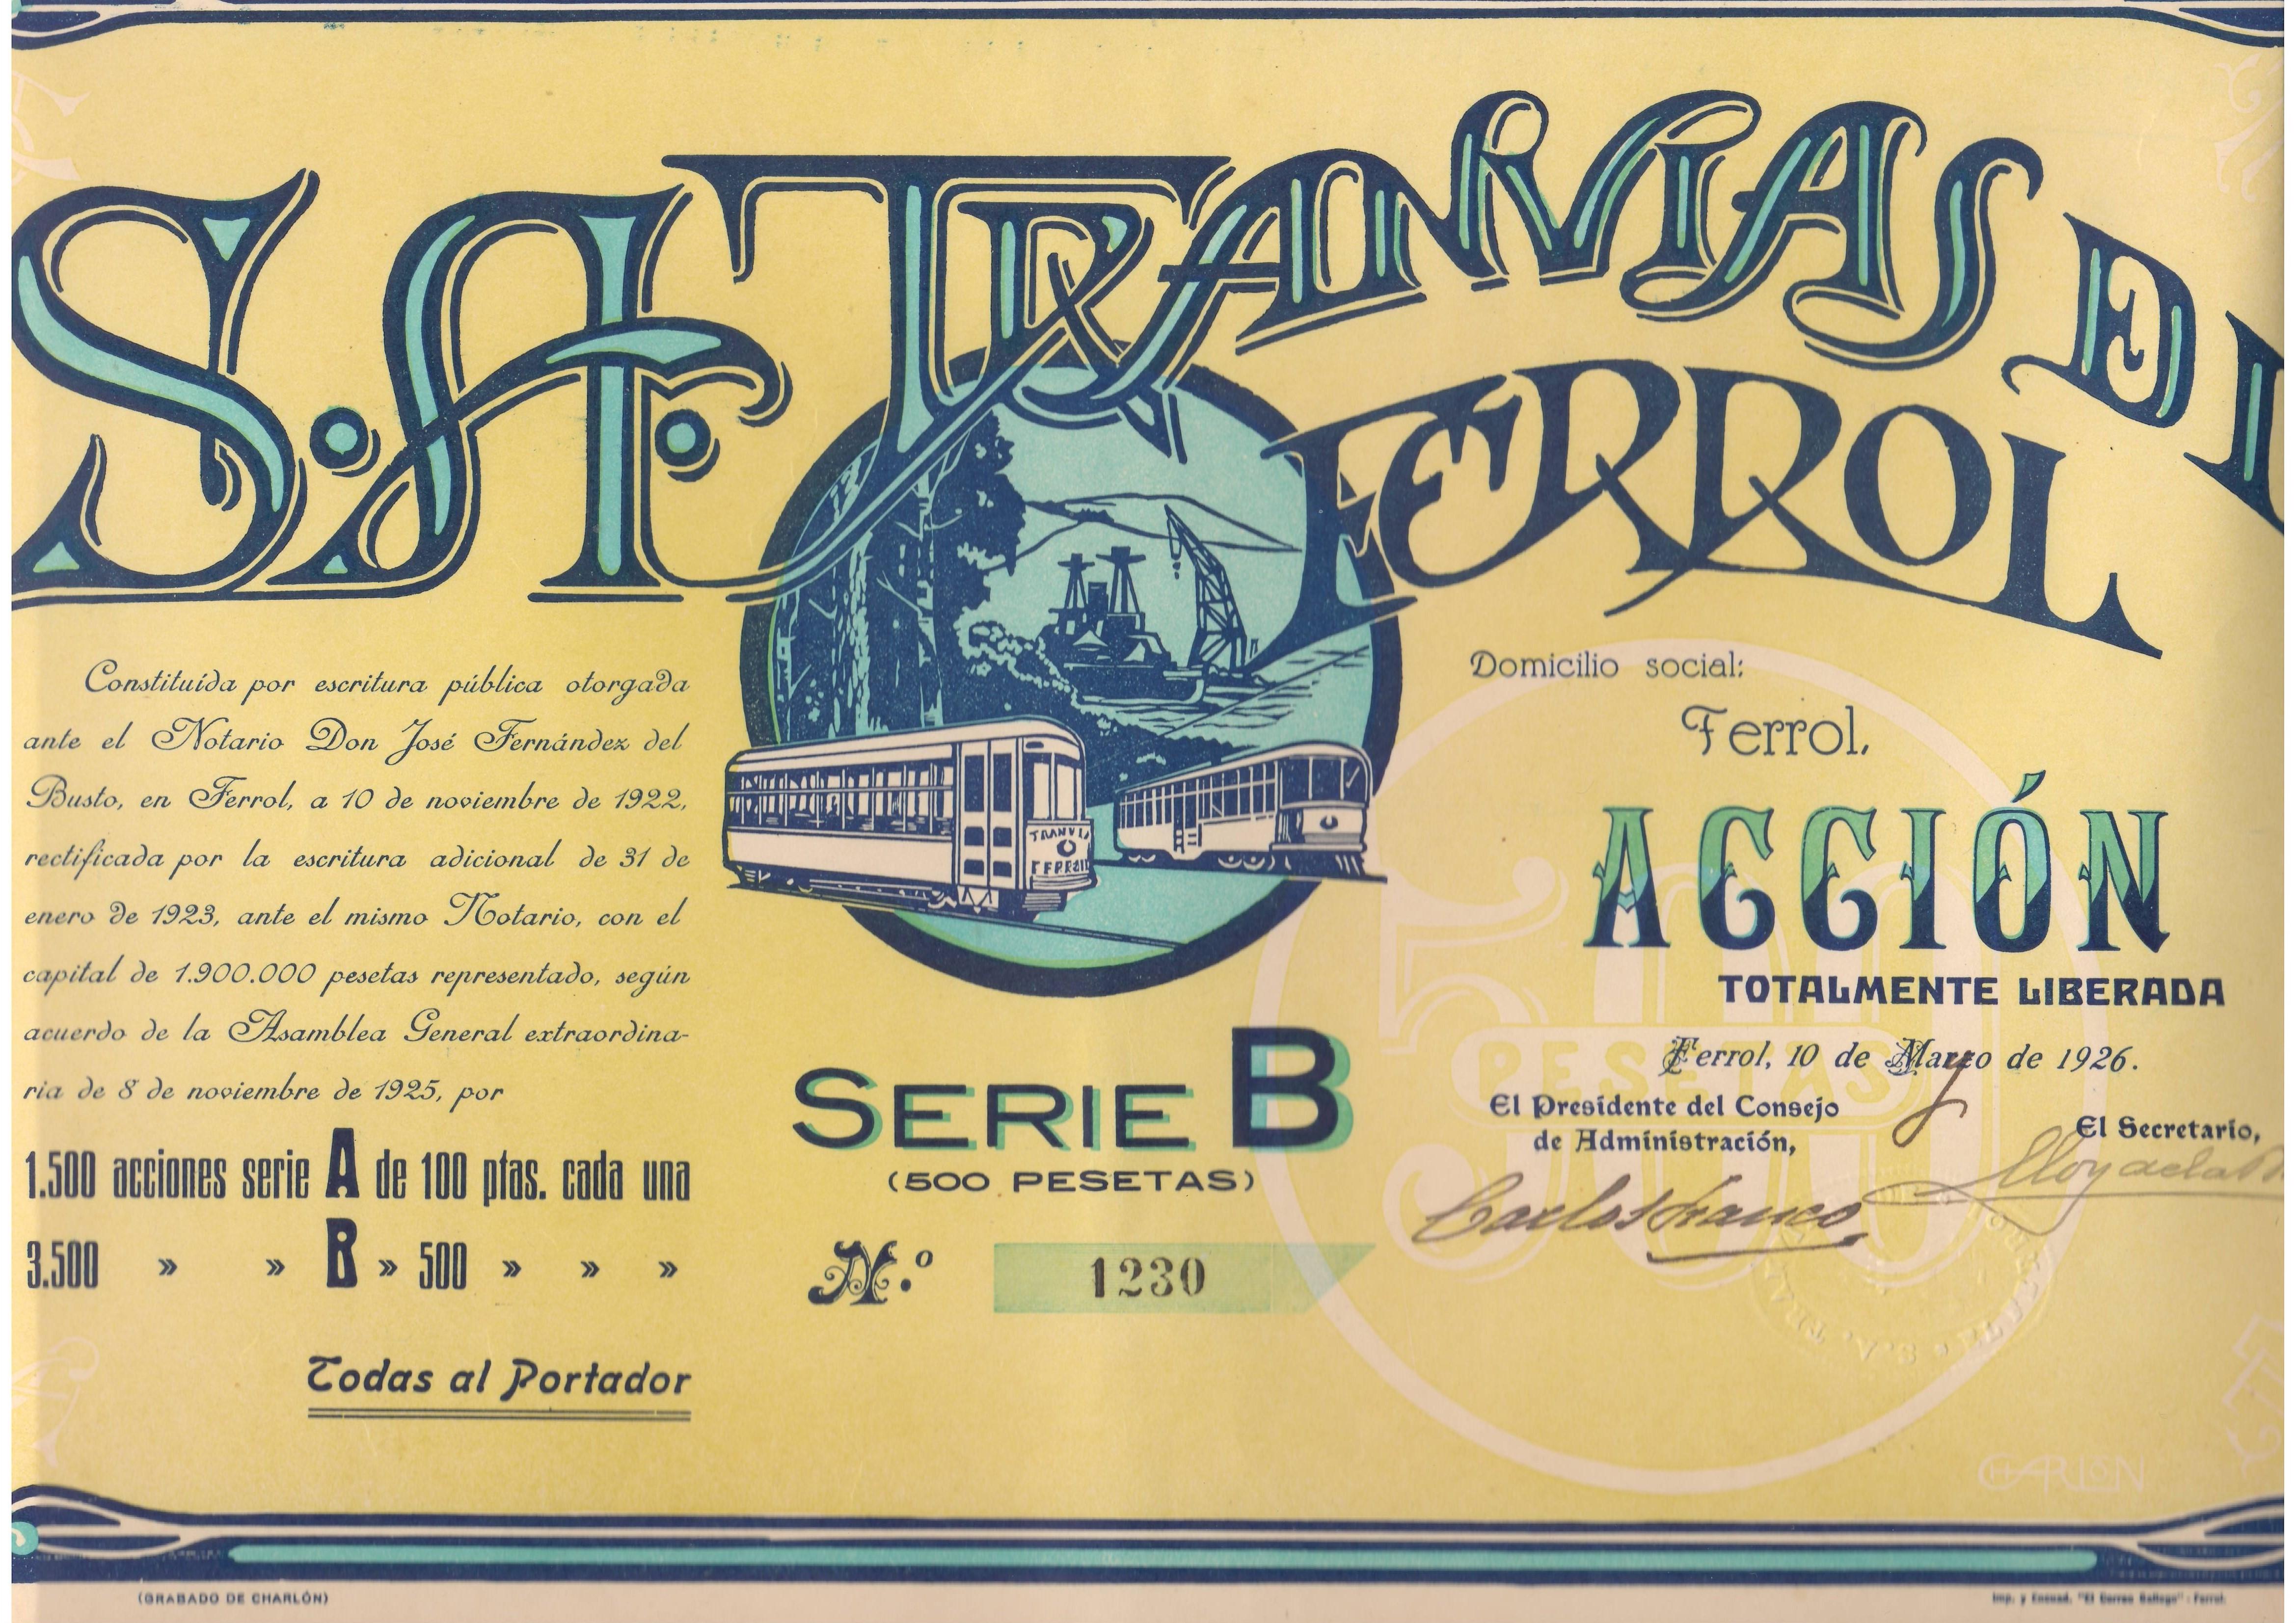 Sociedad Anónima de Tranvías del Ferrol